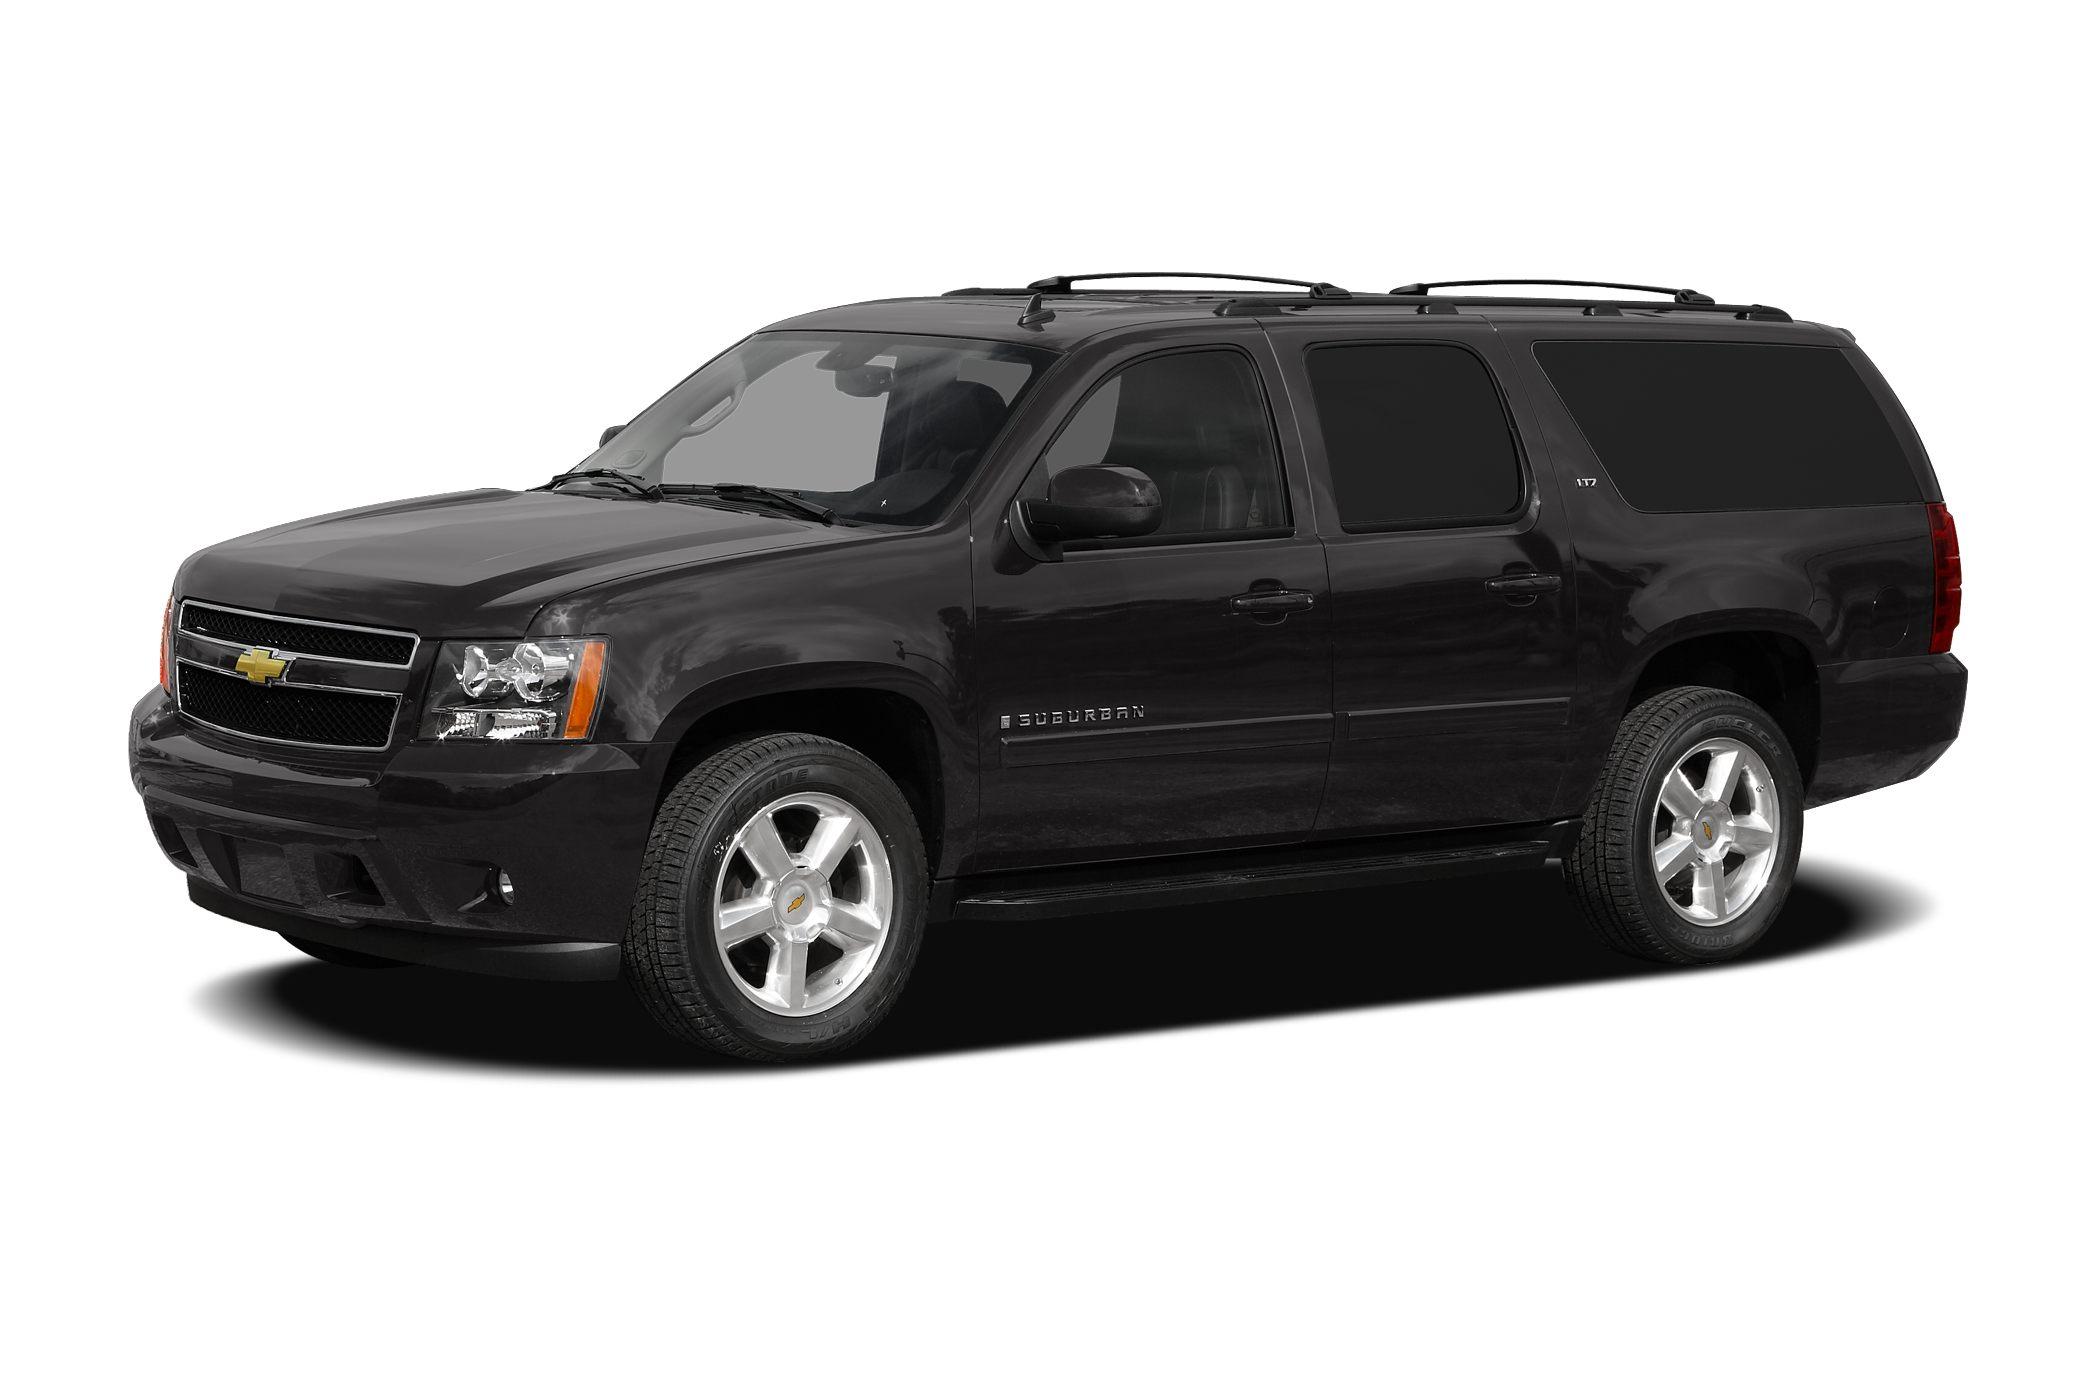 2008 Chevrolet Suburban 1500 Miles 95214Color White Stock 16360 VIN 1GNFK16308R132055